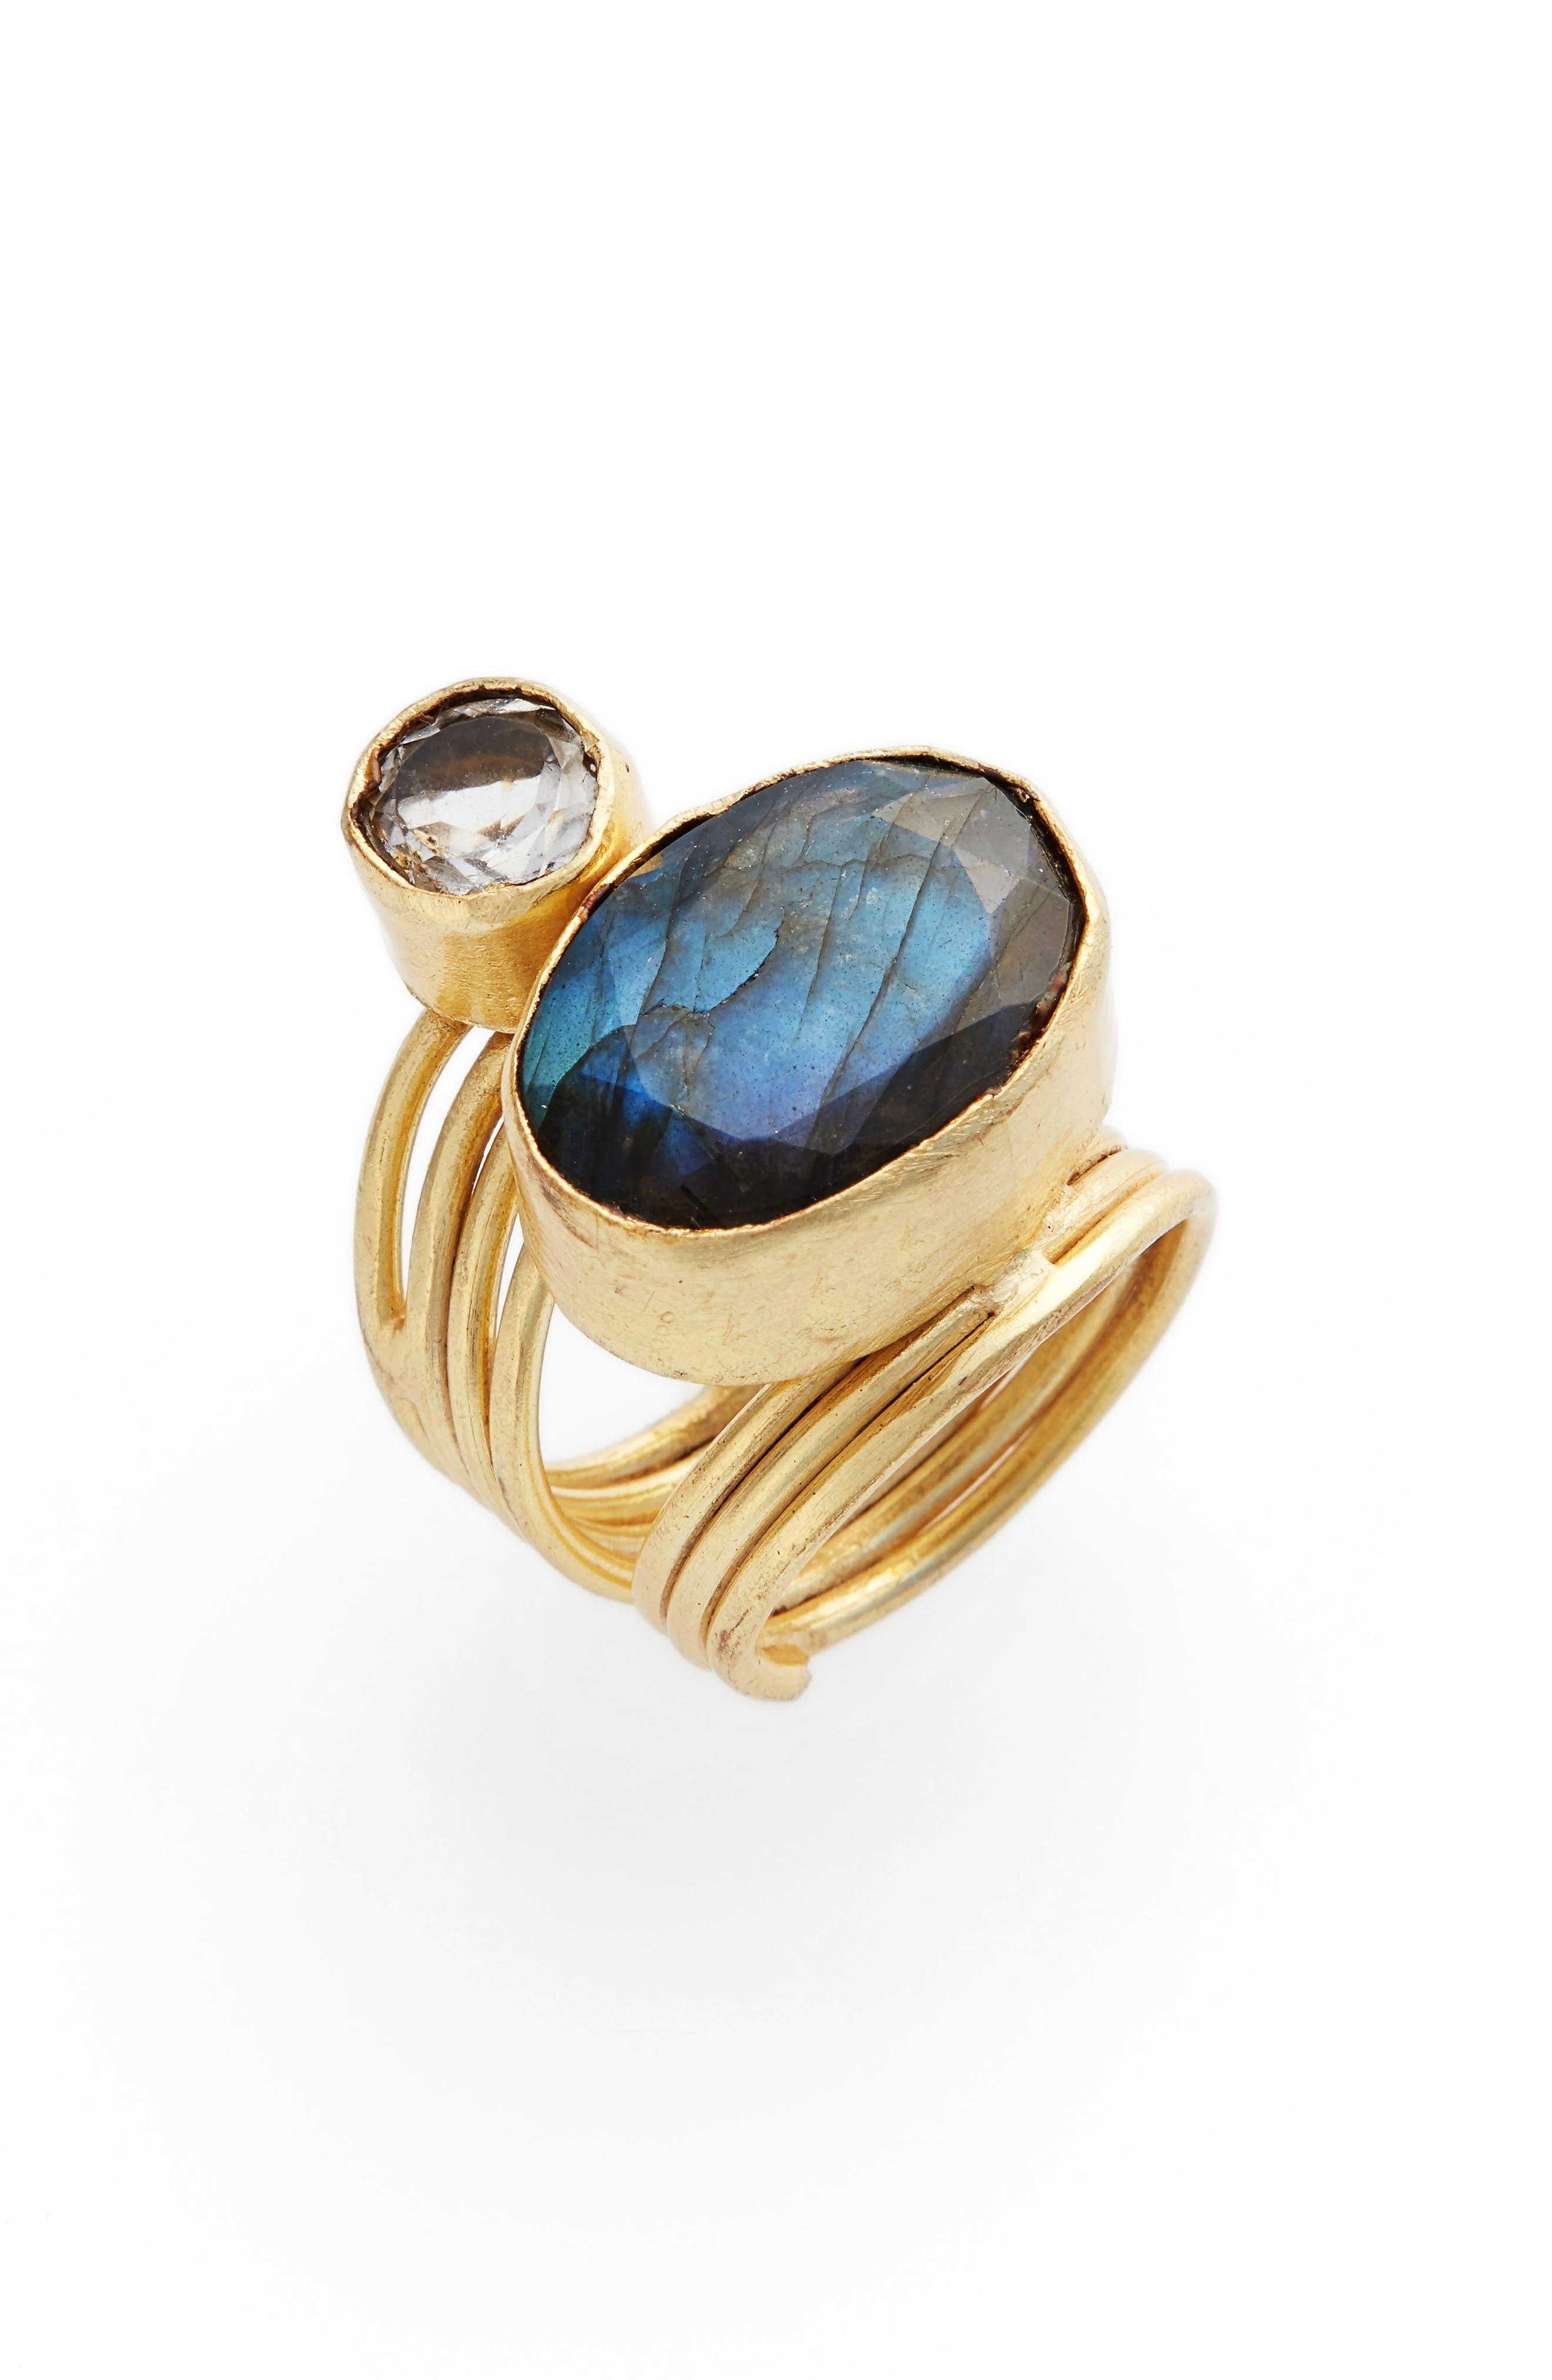 Luisa Labradorite & Crystal Ring,                             Main thumbnail 1, color,                             710